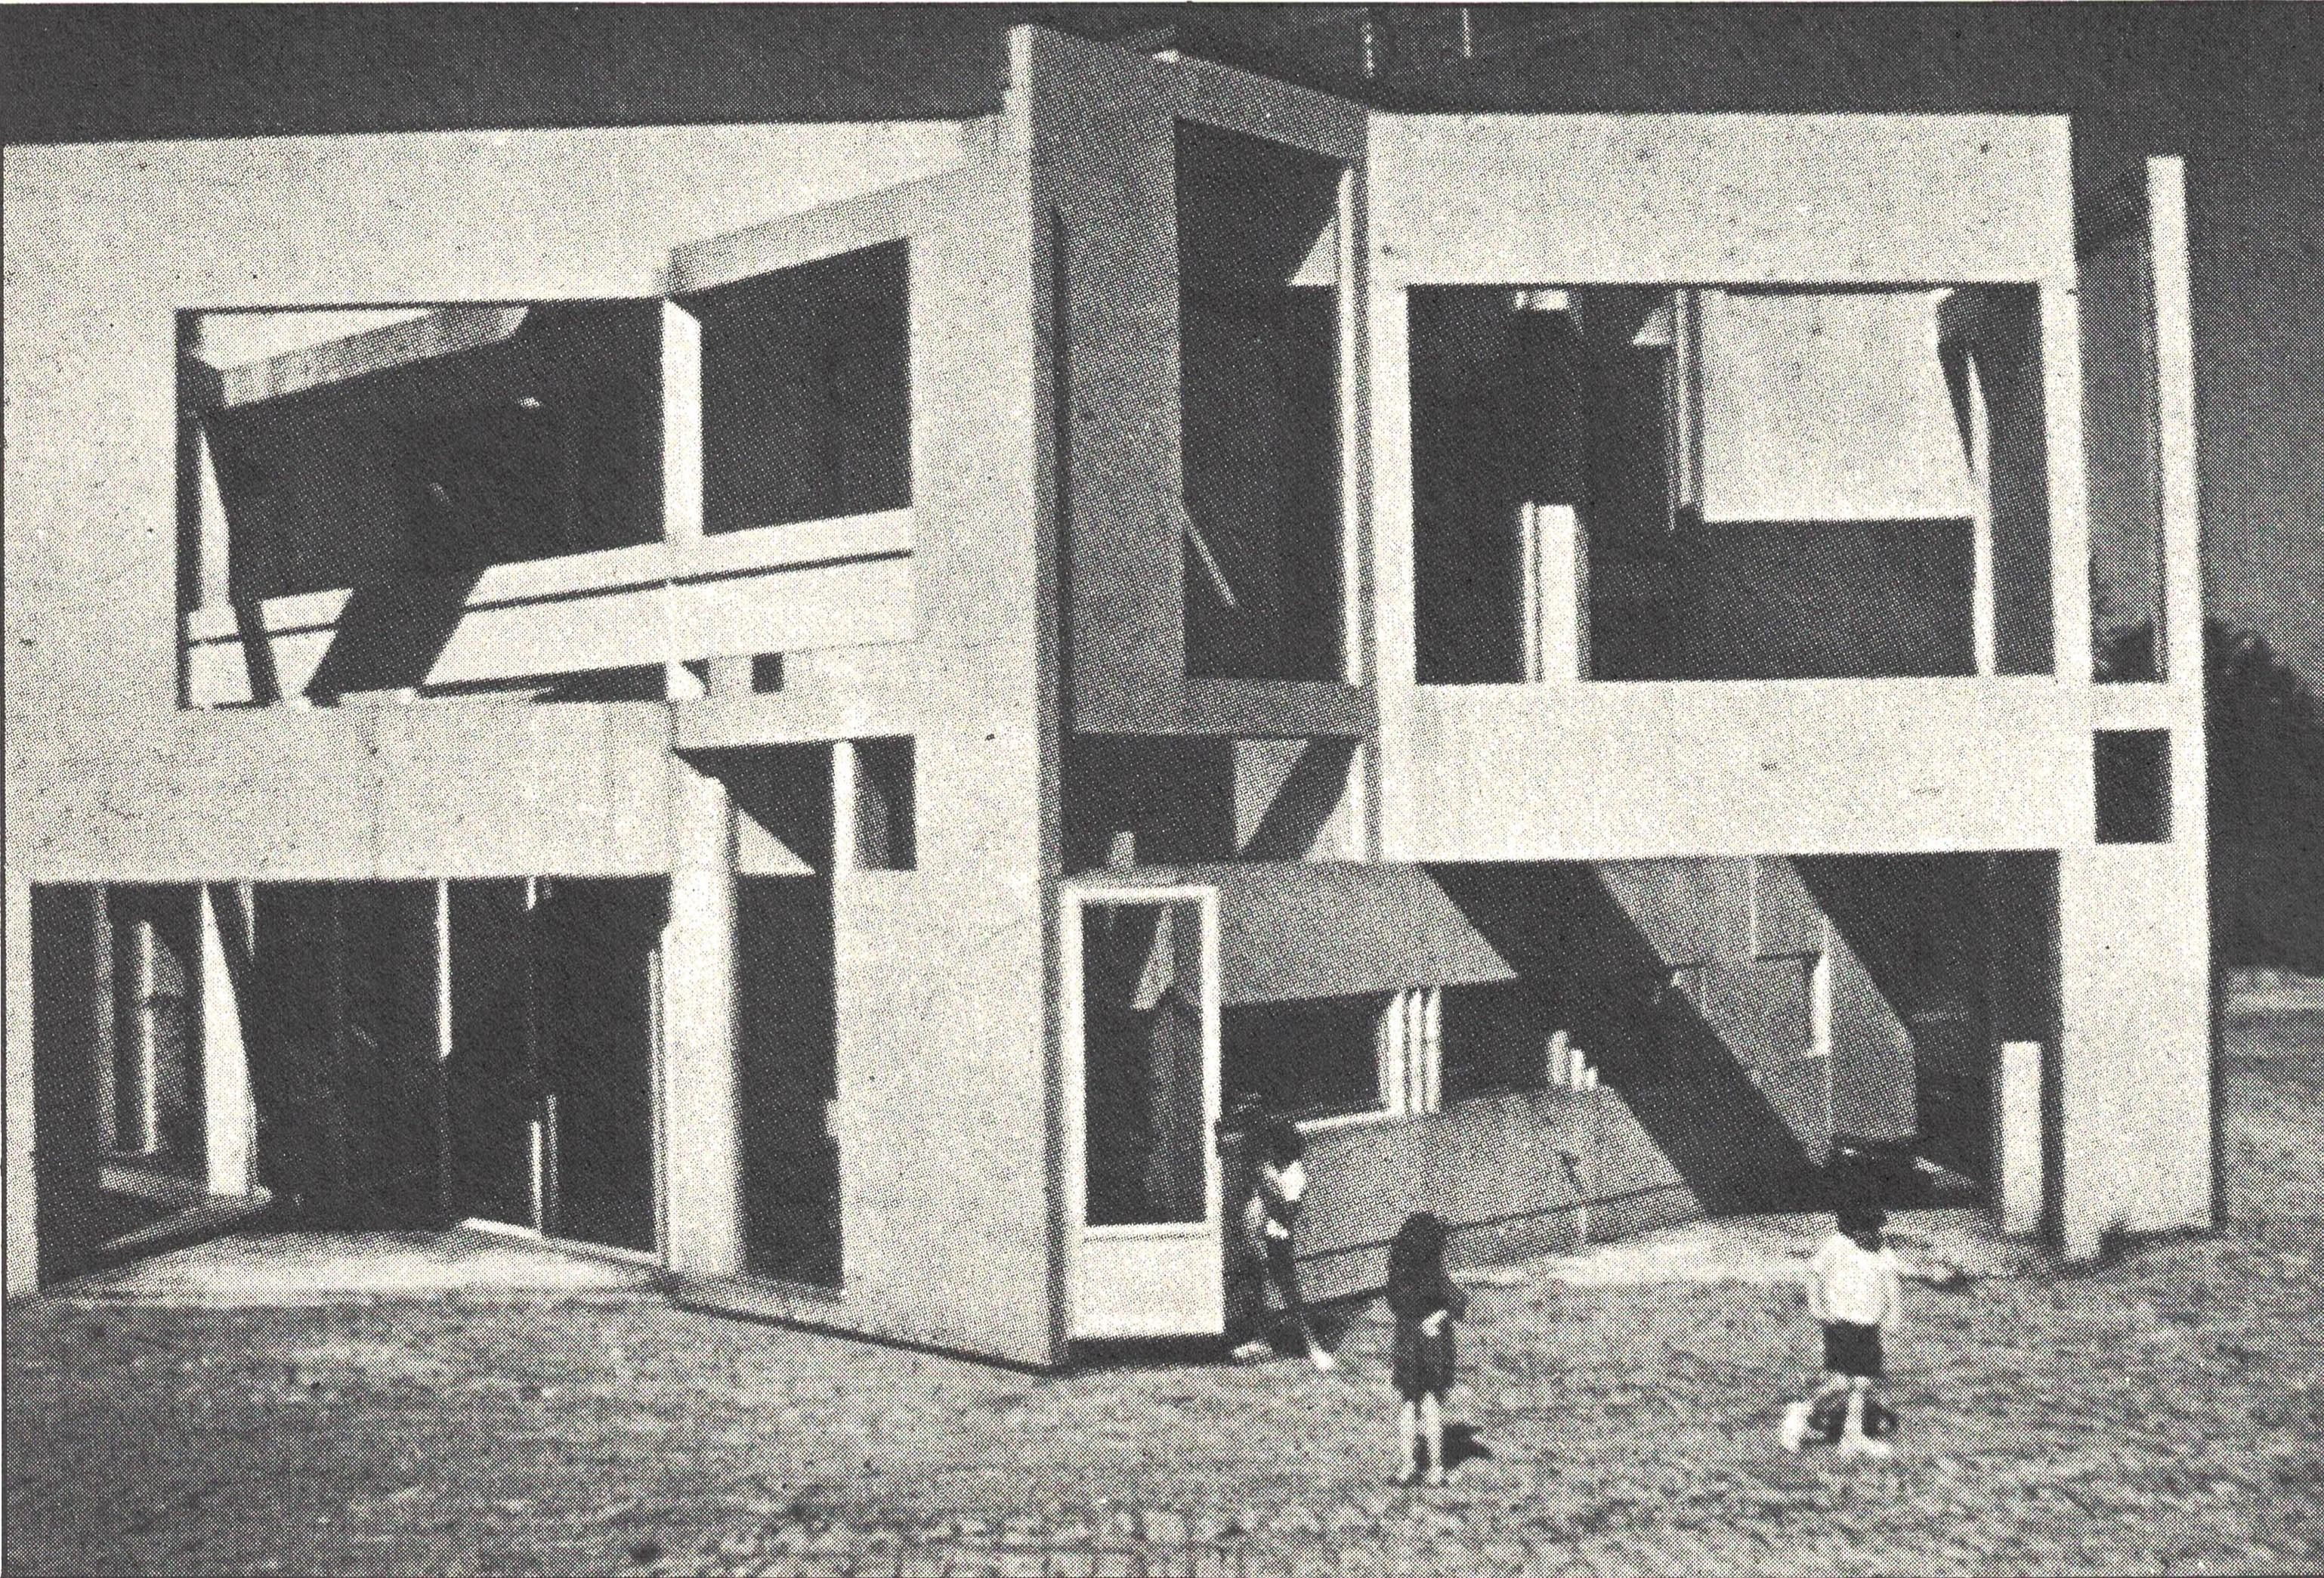 Figura 18. Eiseman, Casa III, Lukerville, 1971